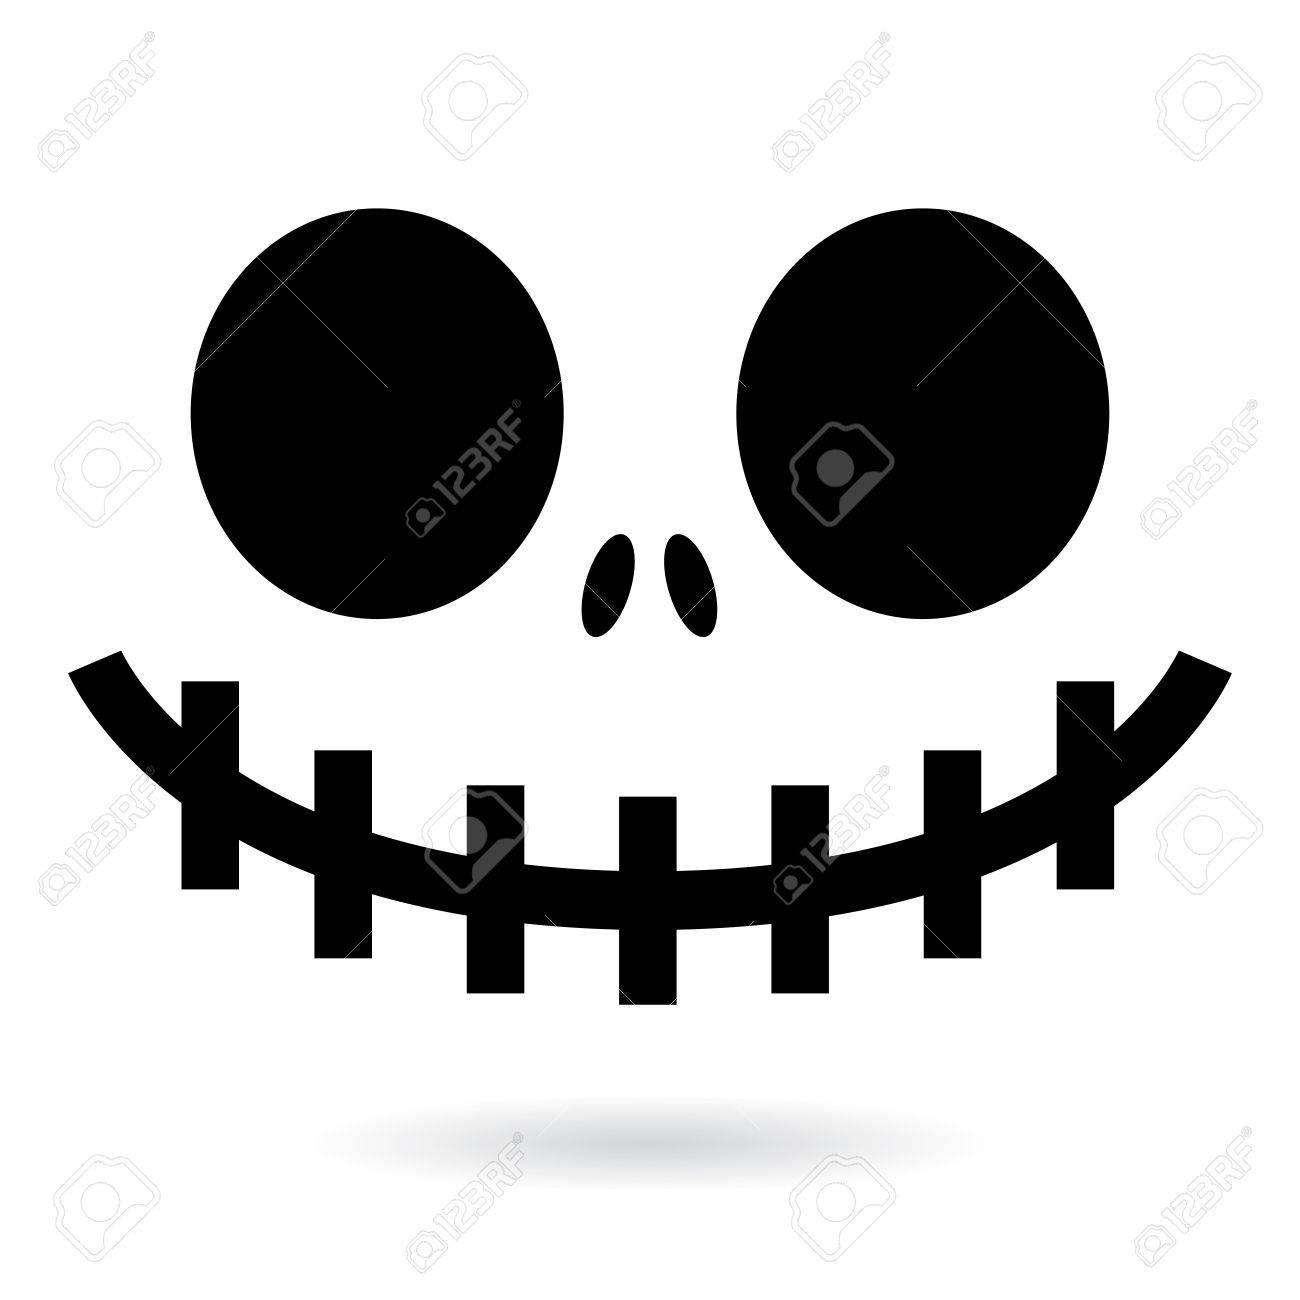 Effrayant Halloween Fantôme Ou Conception De Vecteur De Visage De Citrouille Icône De Bouche De Monstre Avec Des Yeux Fantasmagoriques Le Nez Et De